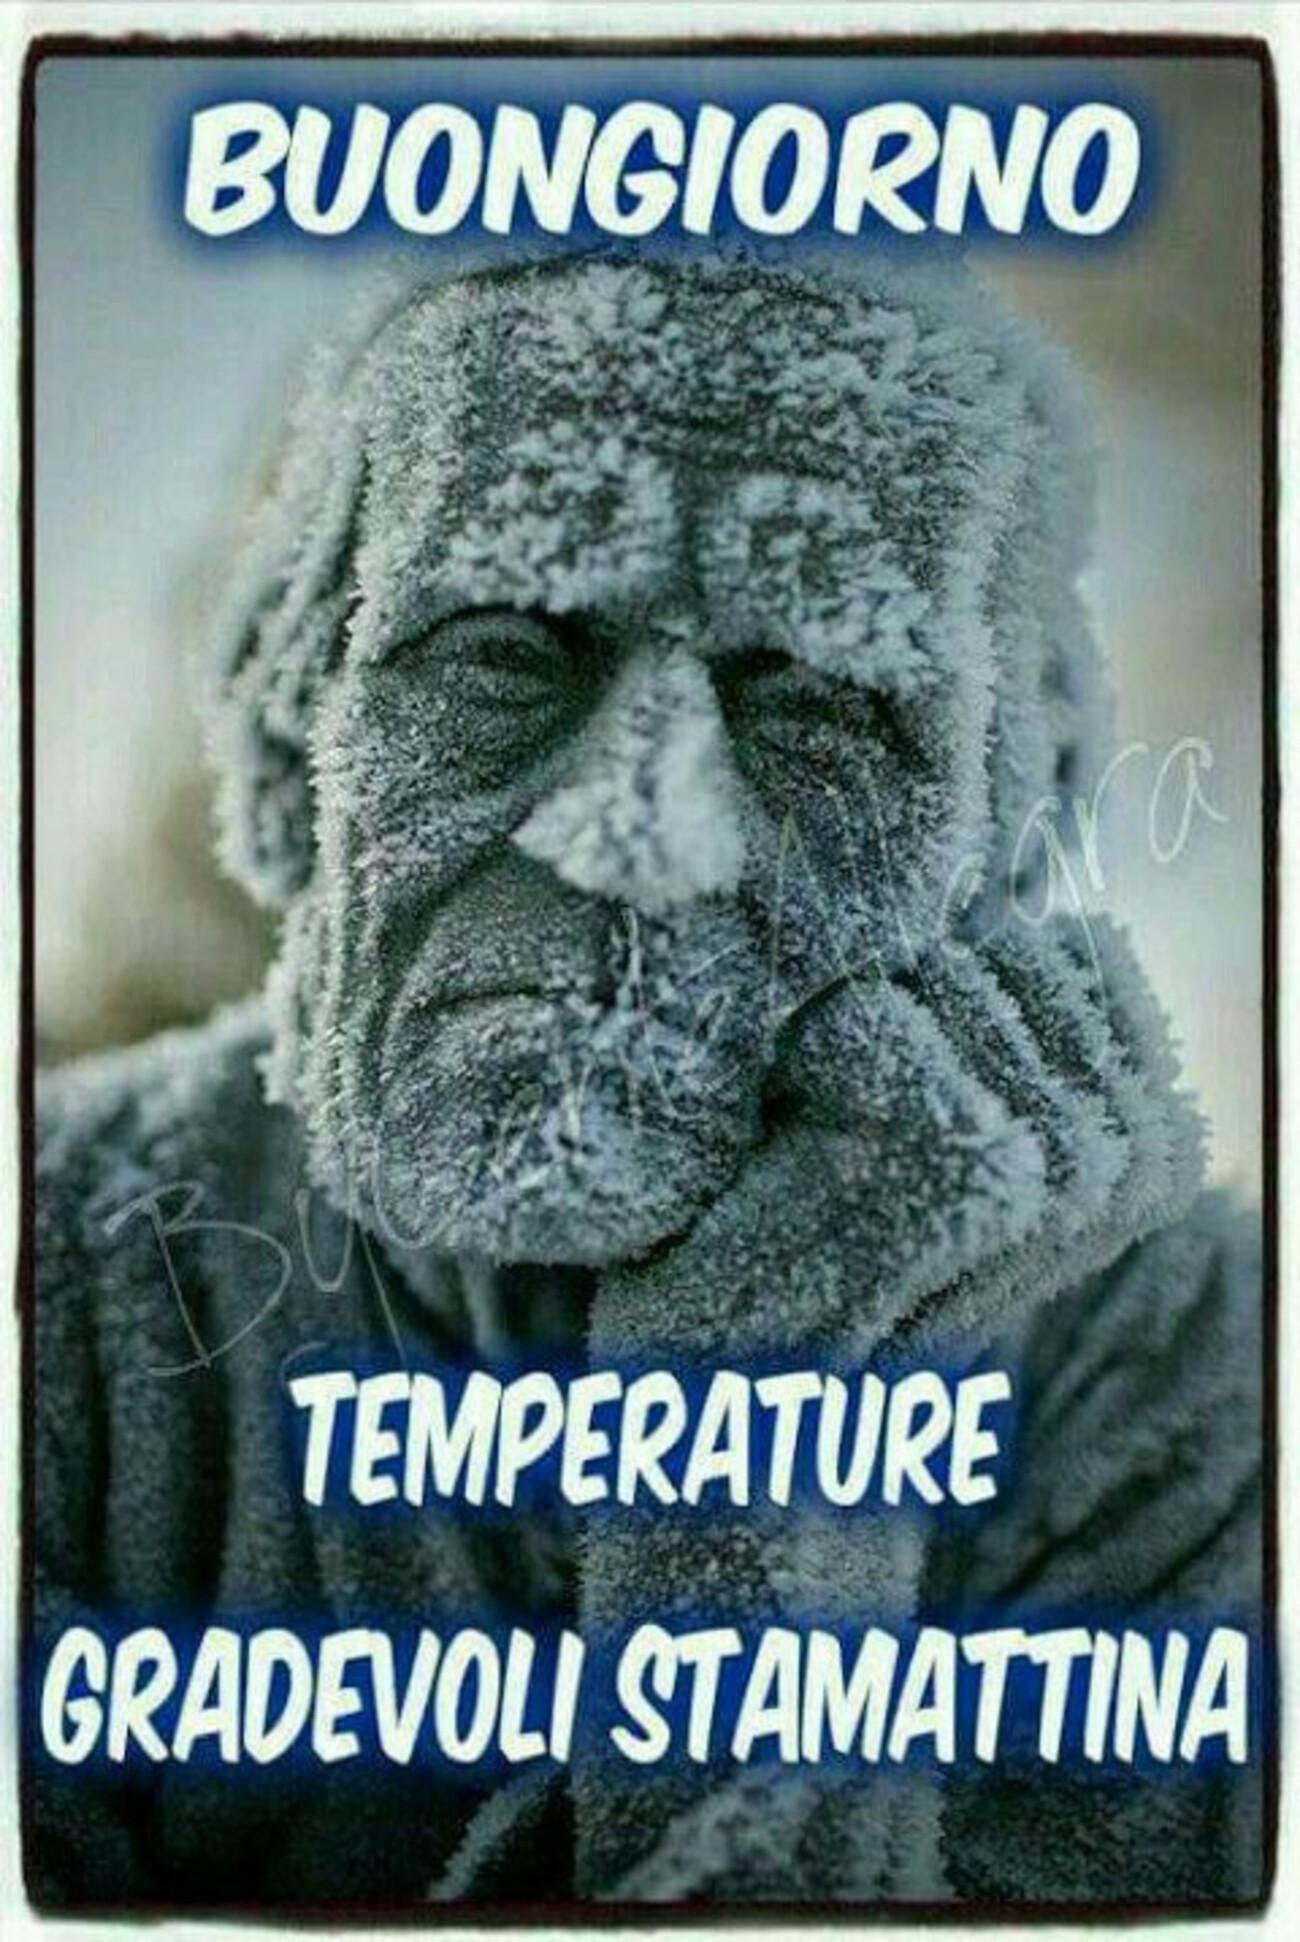 Buongiorno temperature gradevoli stamattina